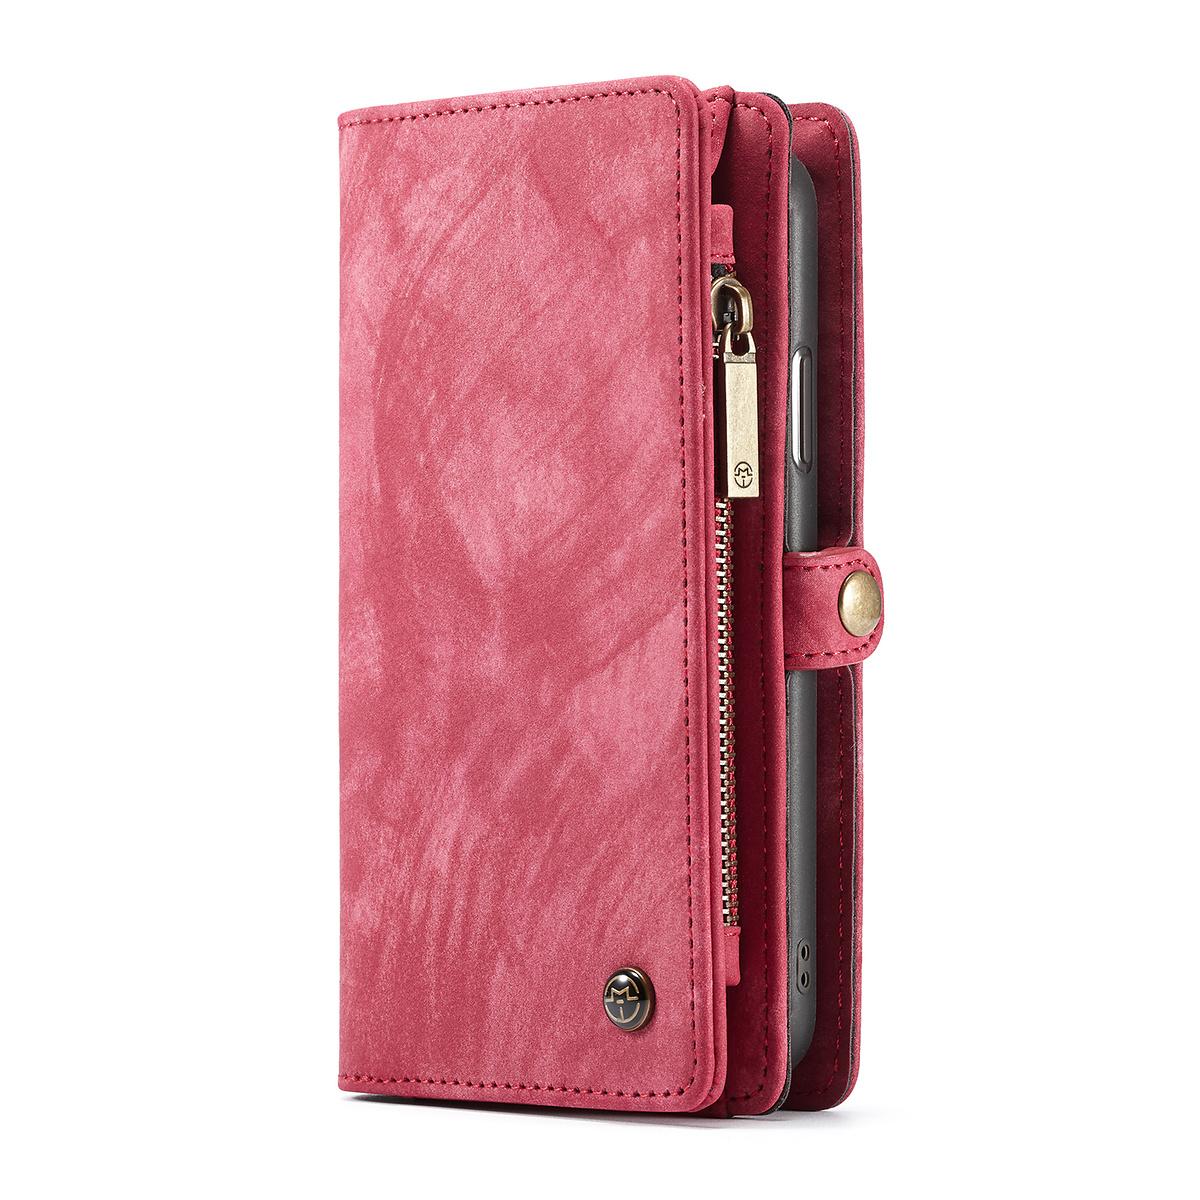 CaseMe plånboksfodral med magnetskal till iPhone X/XS, röd